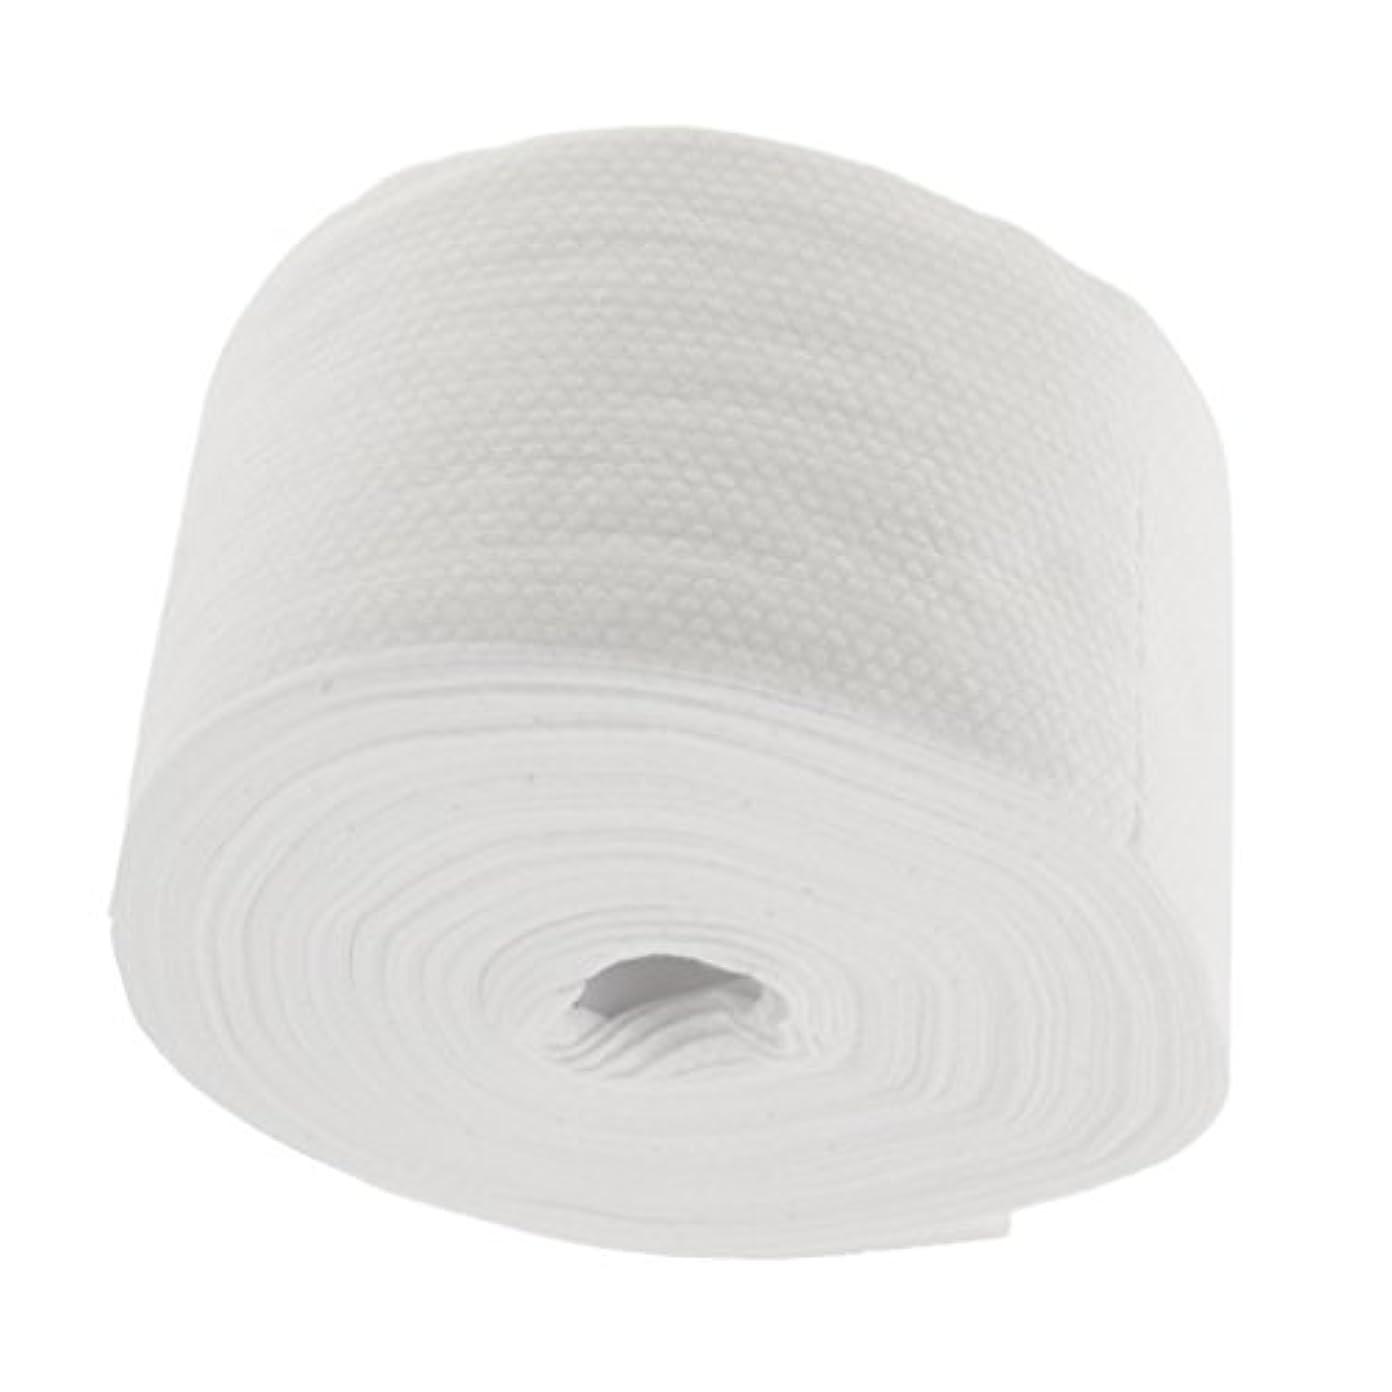 エスカレーター間違いシャットロール式 使い捨て 洗顔タオル 使い捨てタオル 30M コットン 繊維 メイクリムーバー 快適 - #2